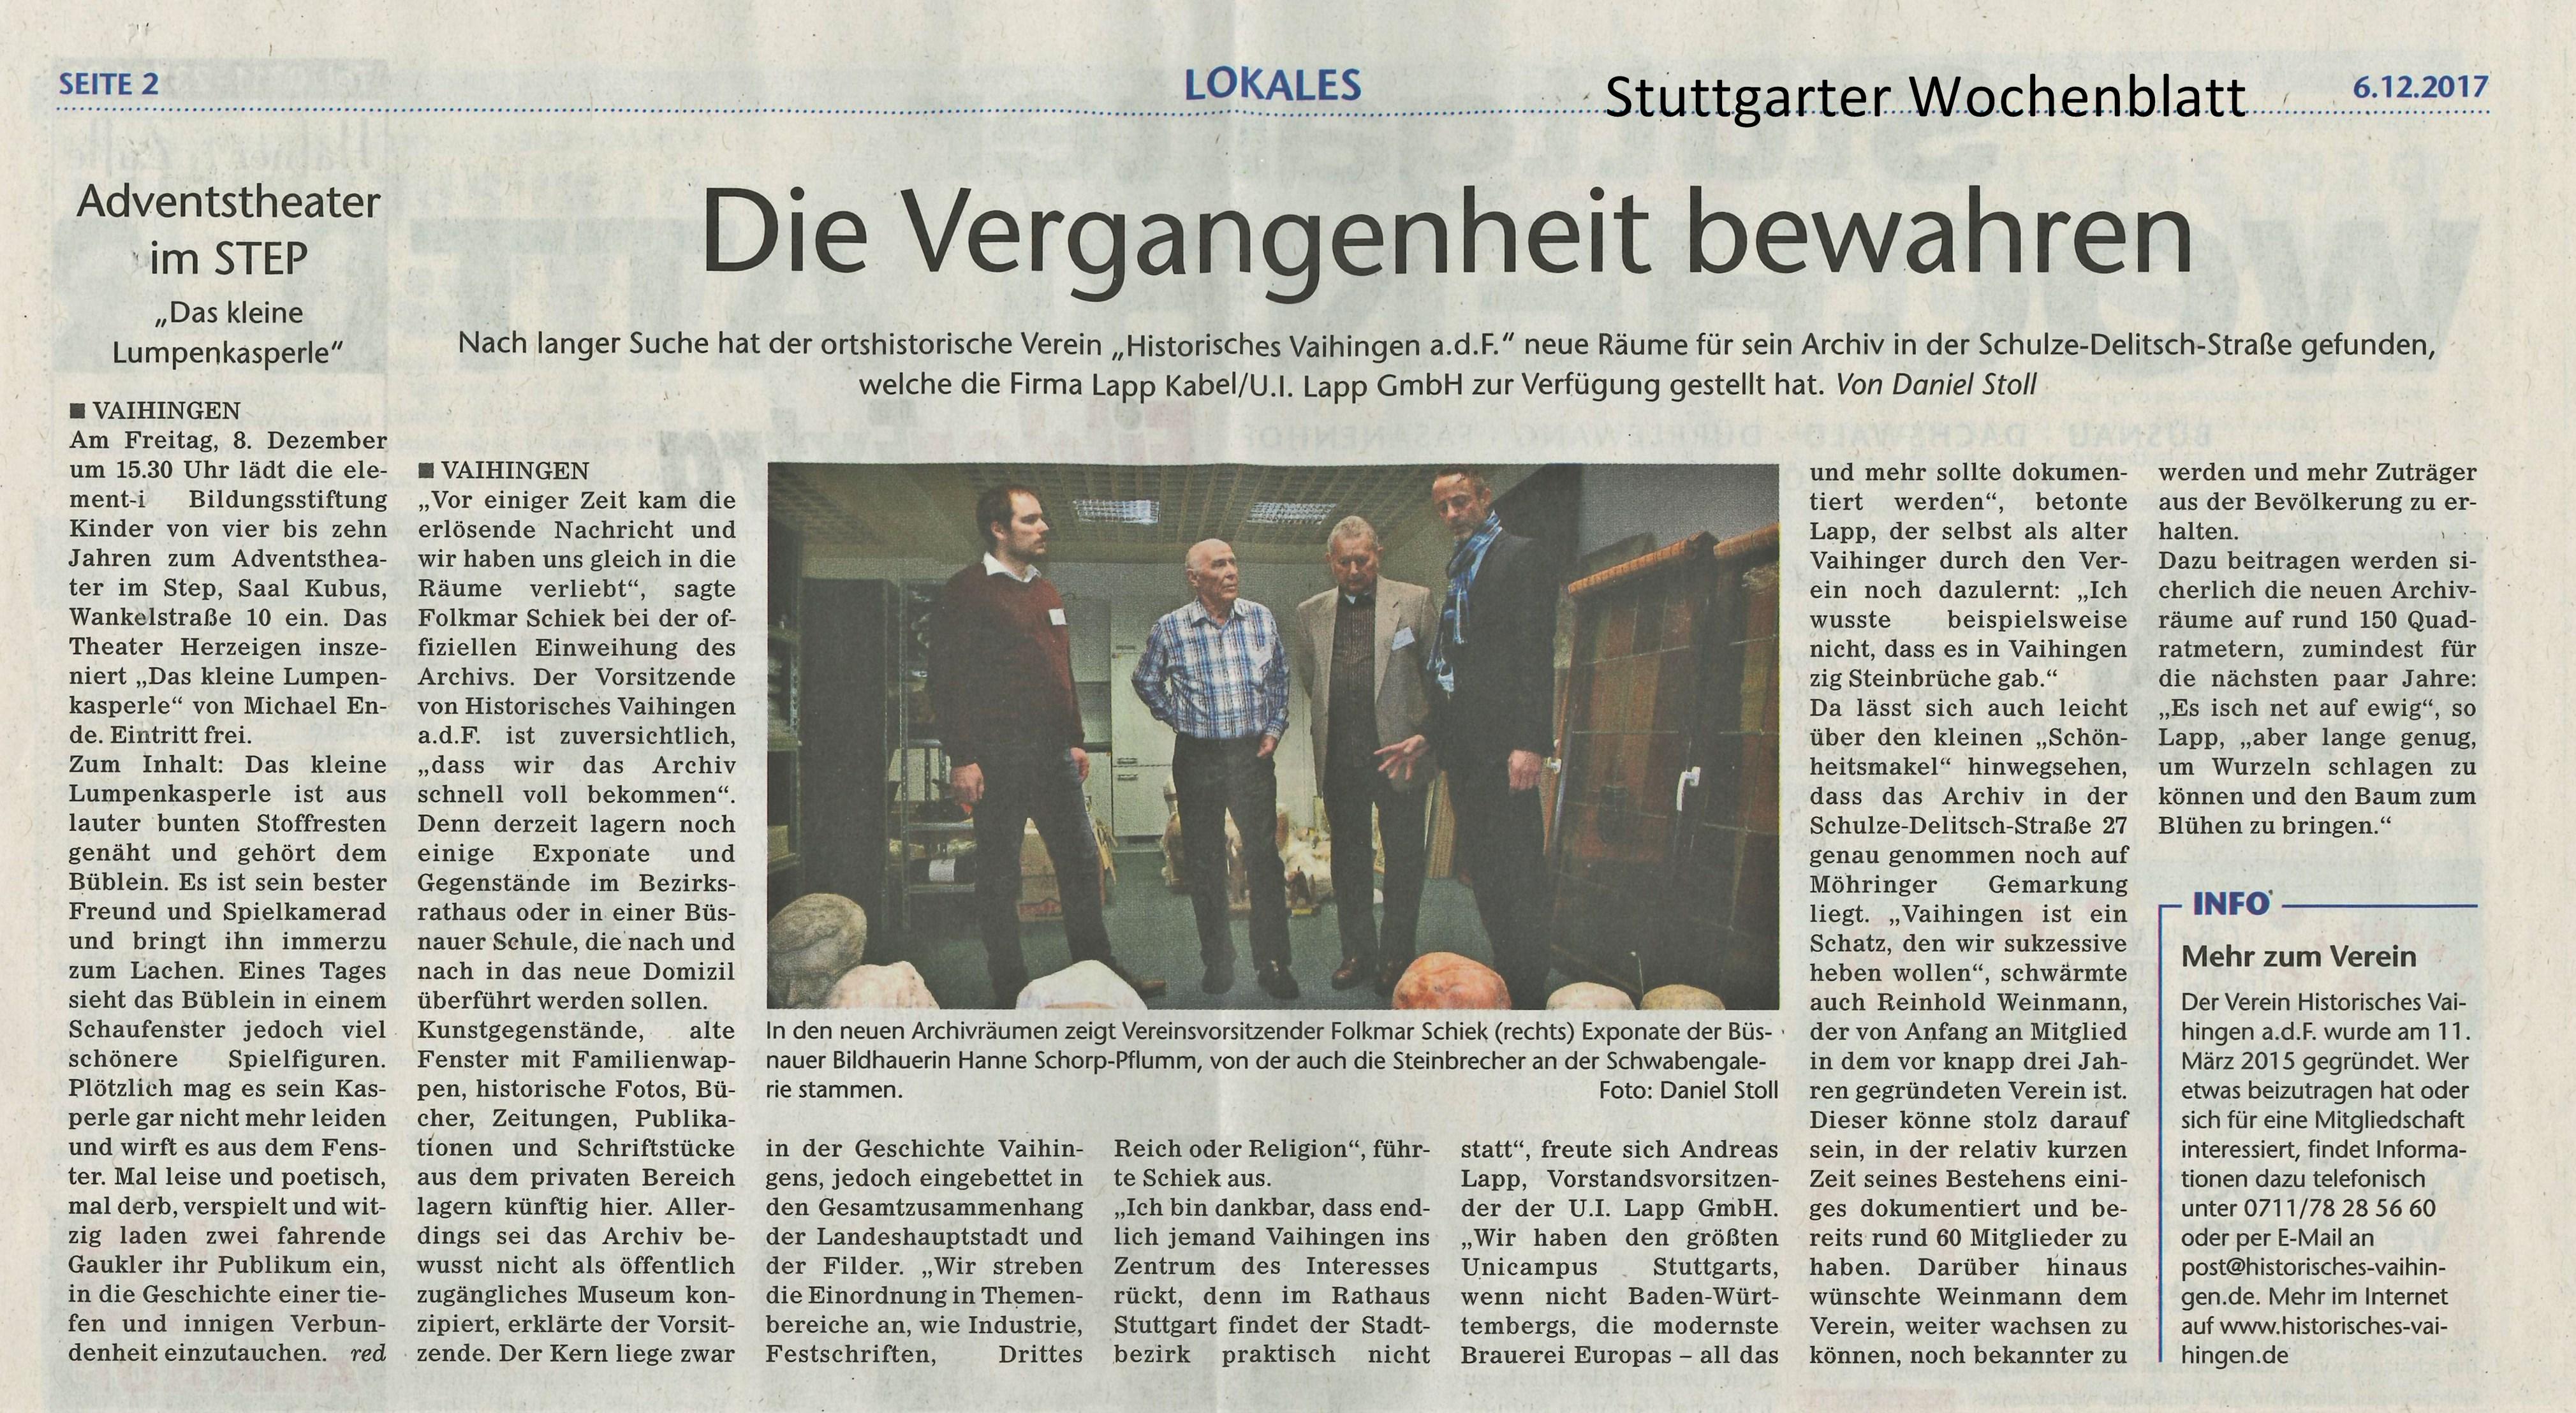 Stuttgarter wochenblatt er sucht sie